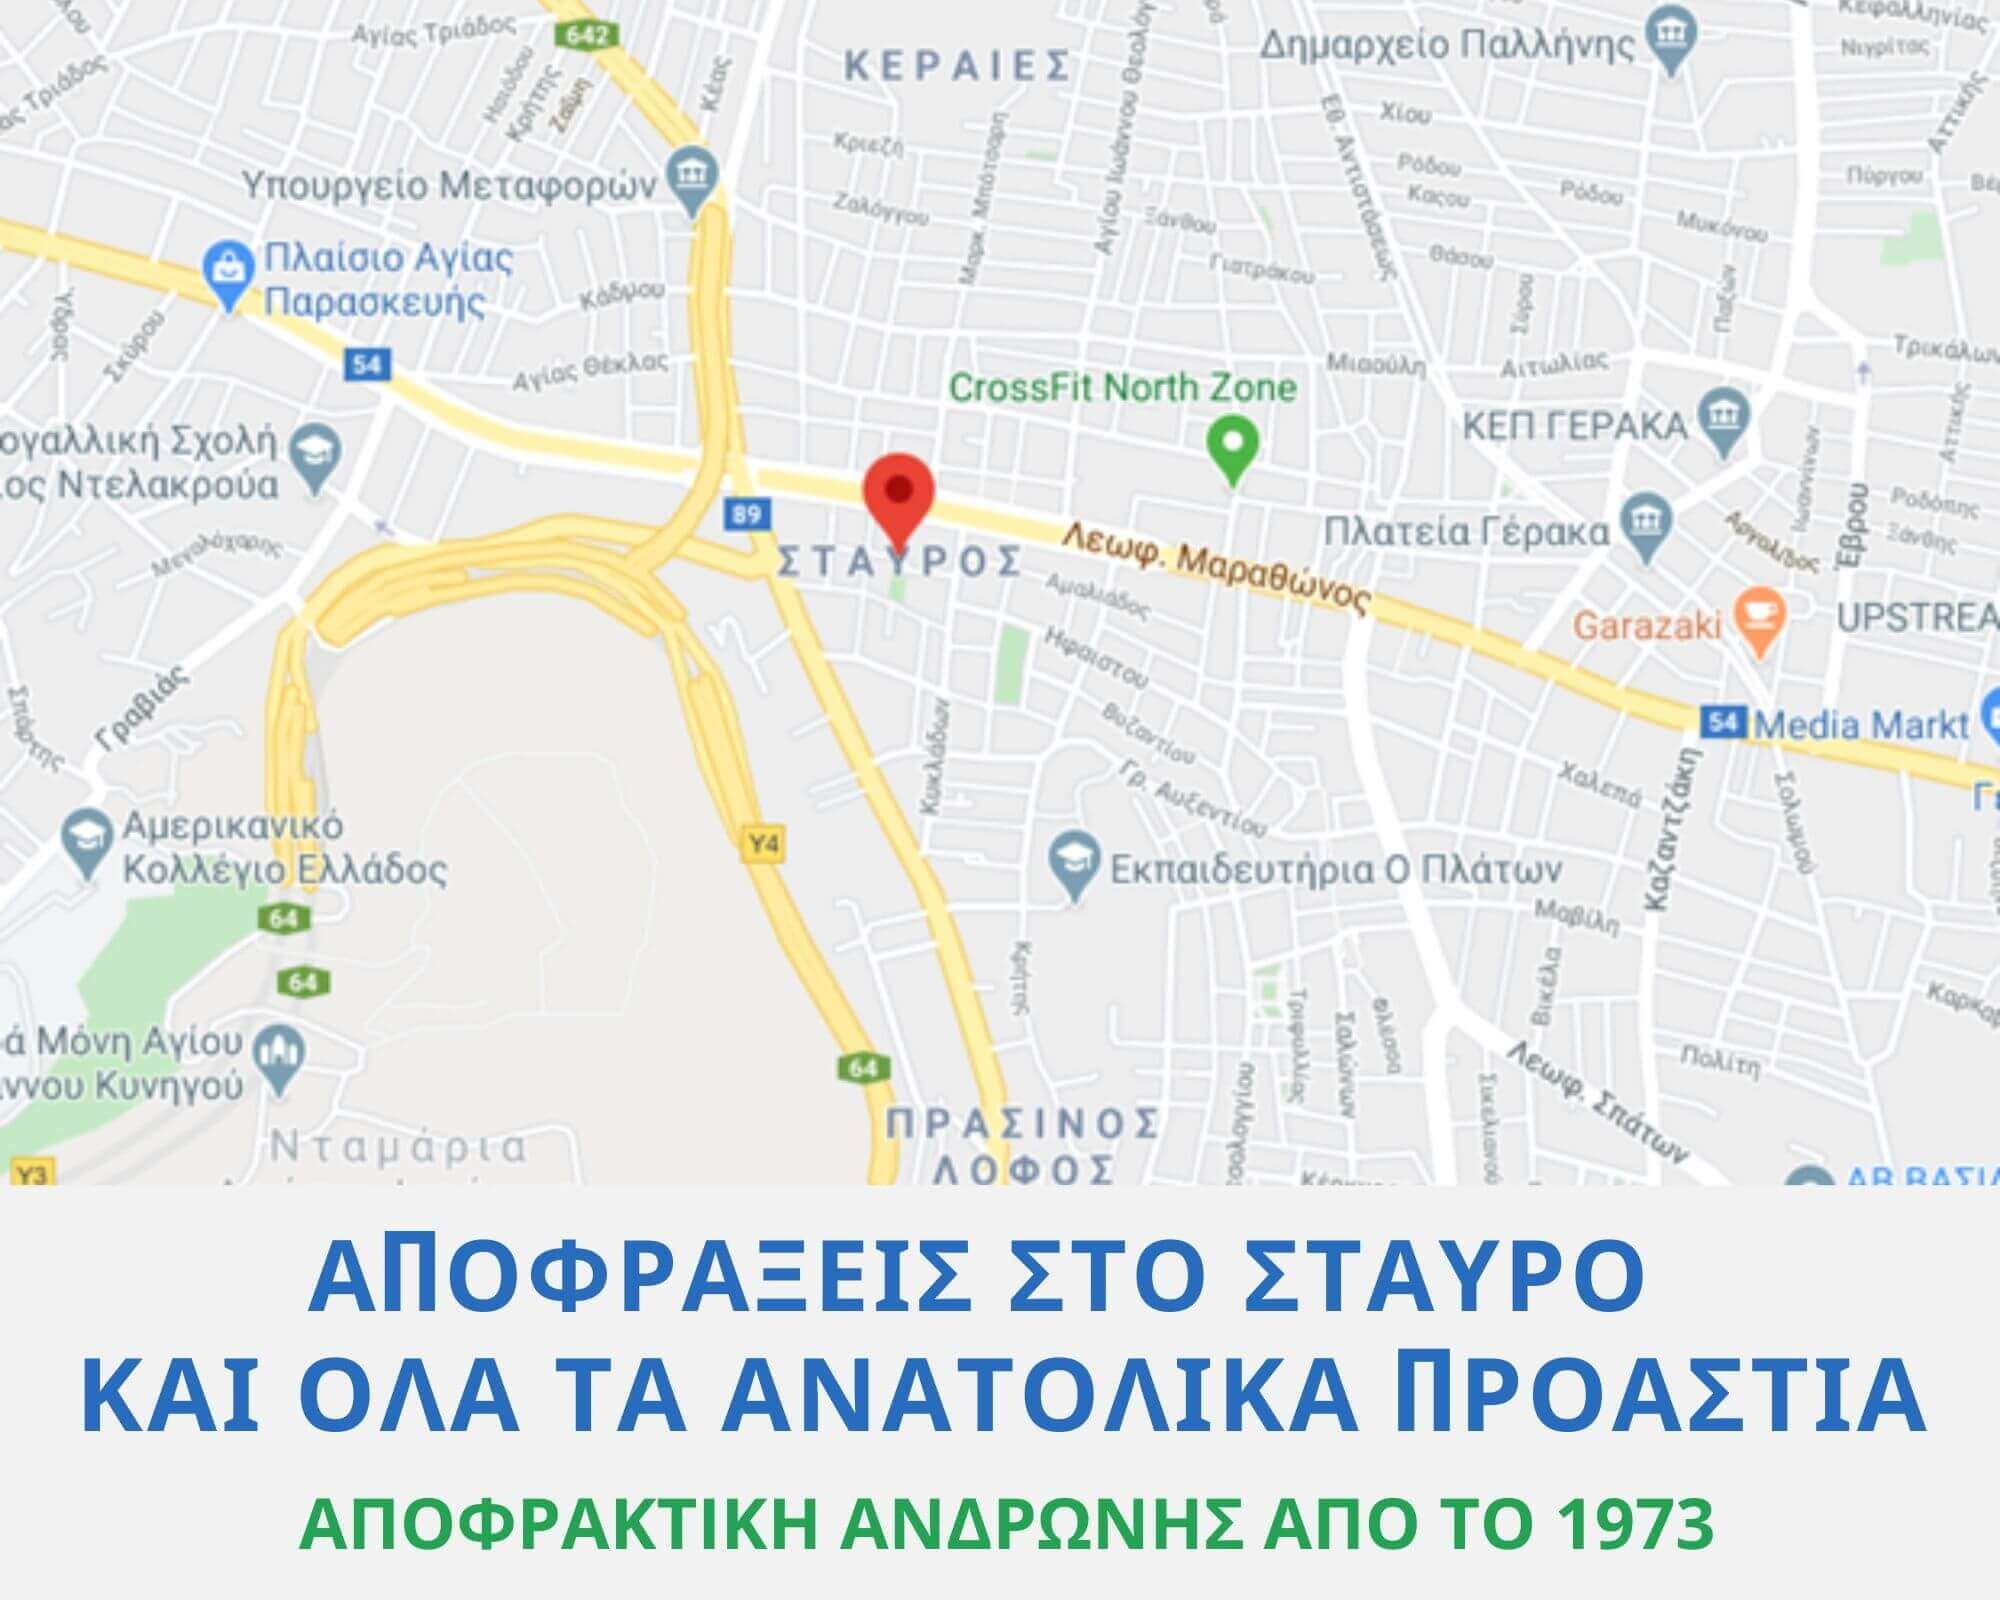 Αποφράξεις Σταυρός - 213.02.50.818 - Αποφράξεις Αθήνα